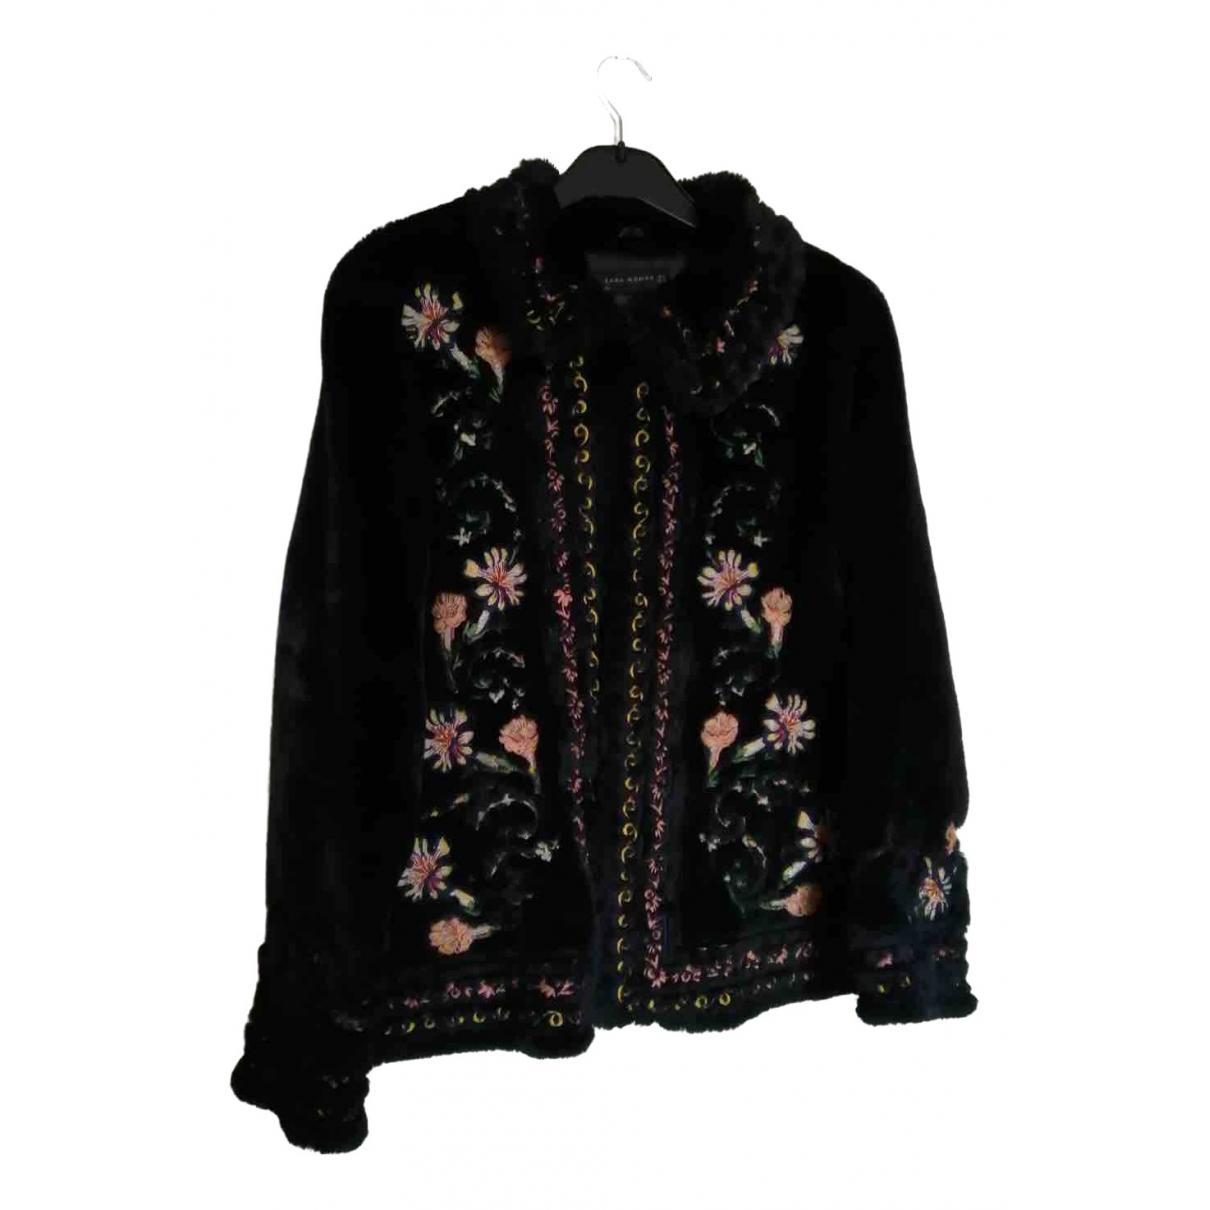 Zara \N Navy coat for Women M International